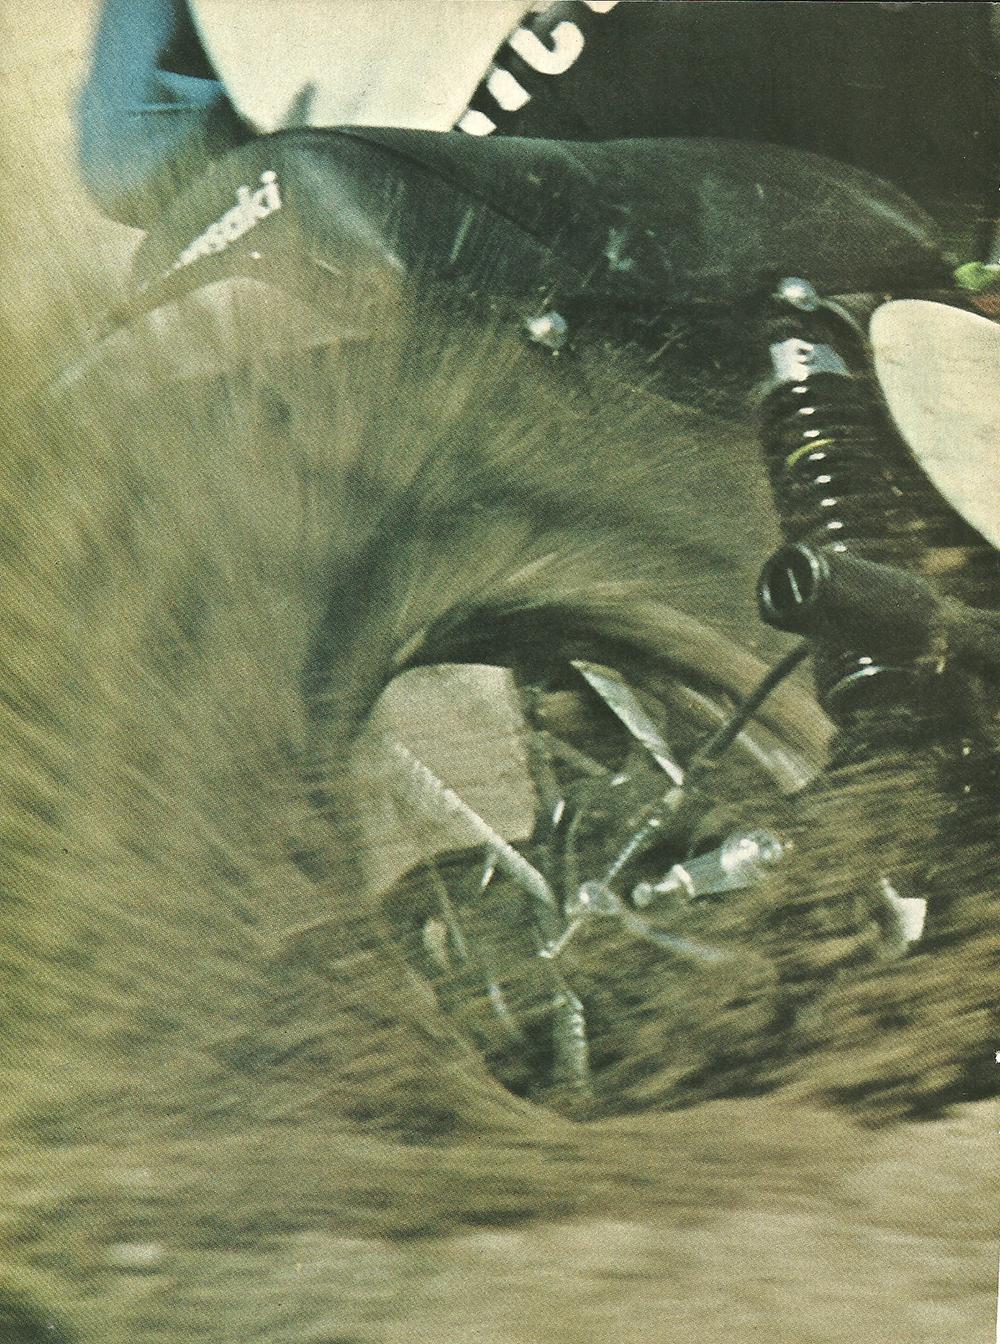 1975 Kawasaki KX 125 250 400 road test 1.jpg